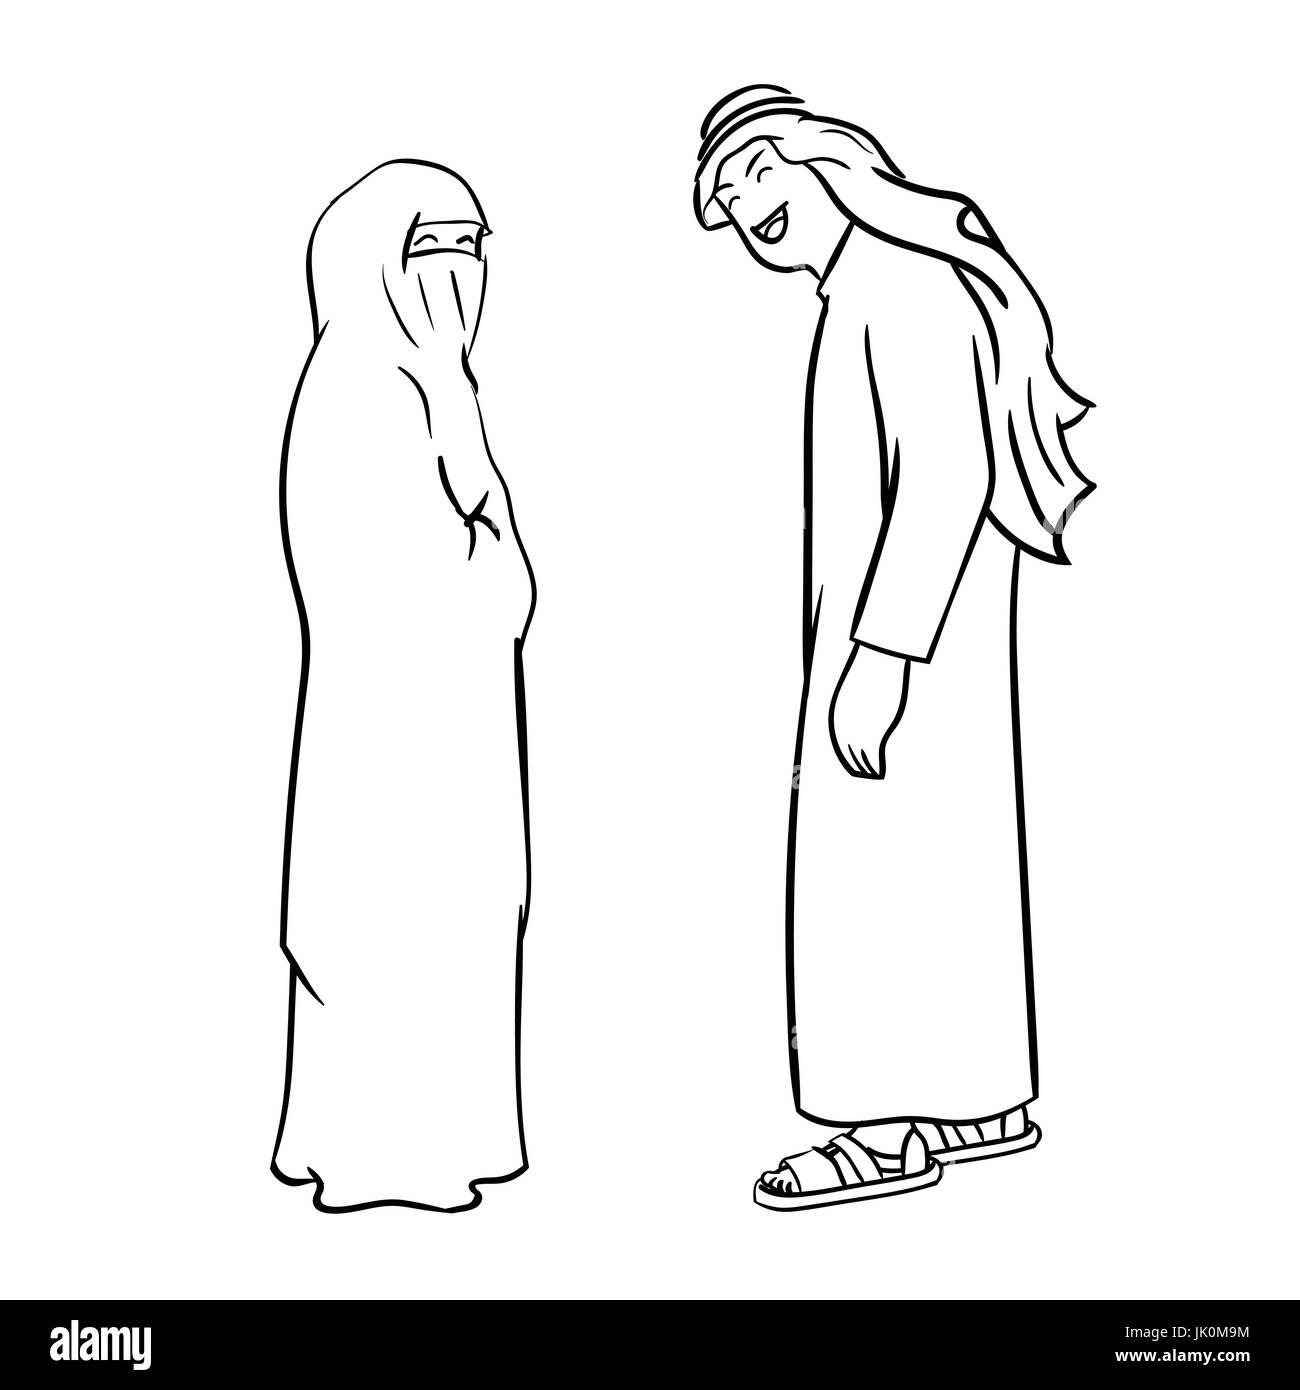 Croquis dibujados a mano de la pareja árabe Cartoon aislados, en ...